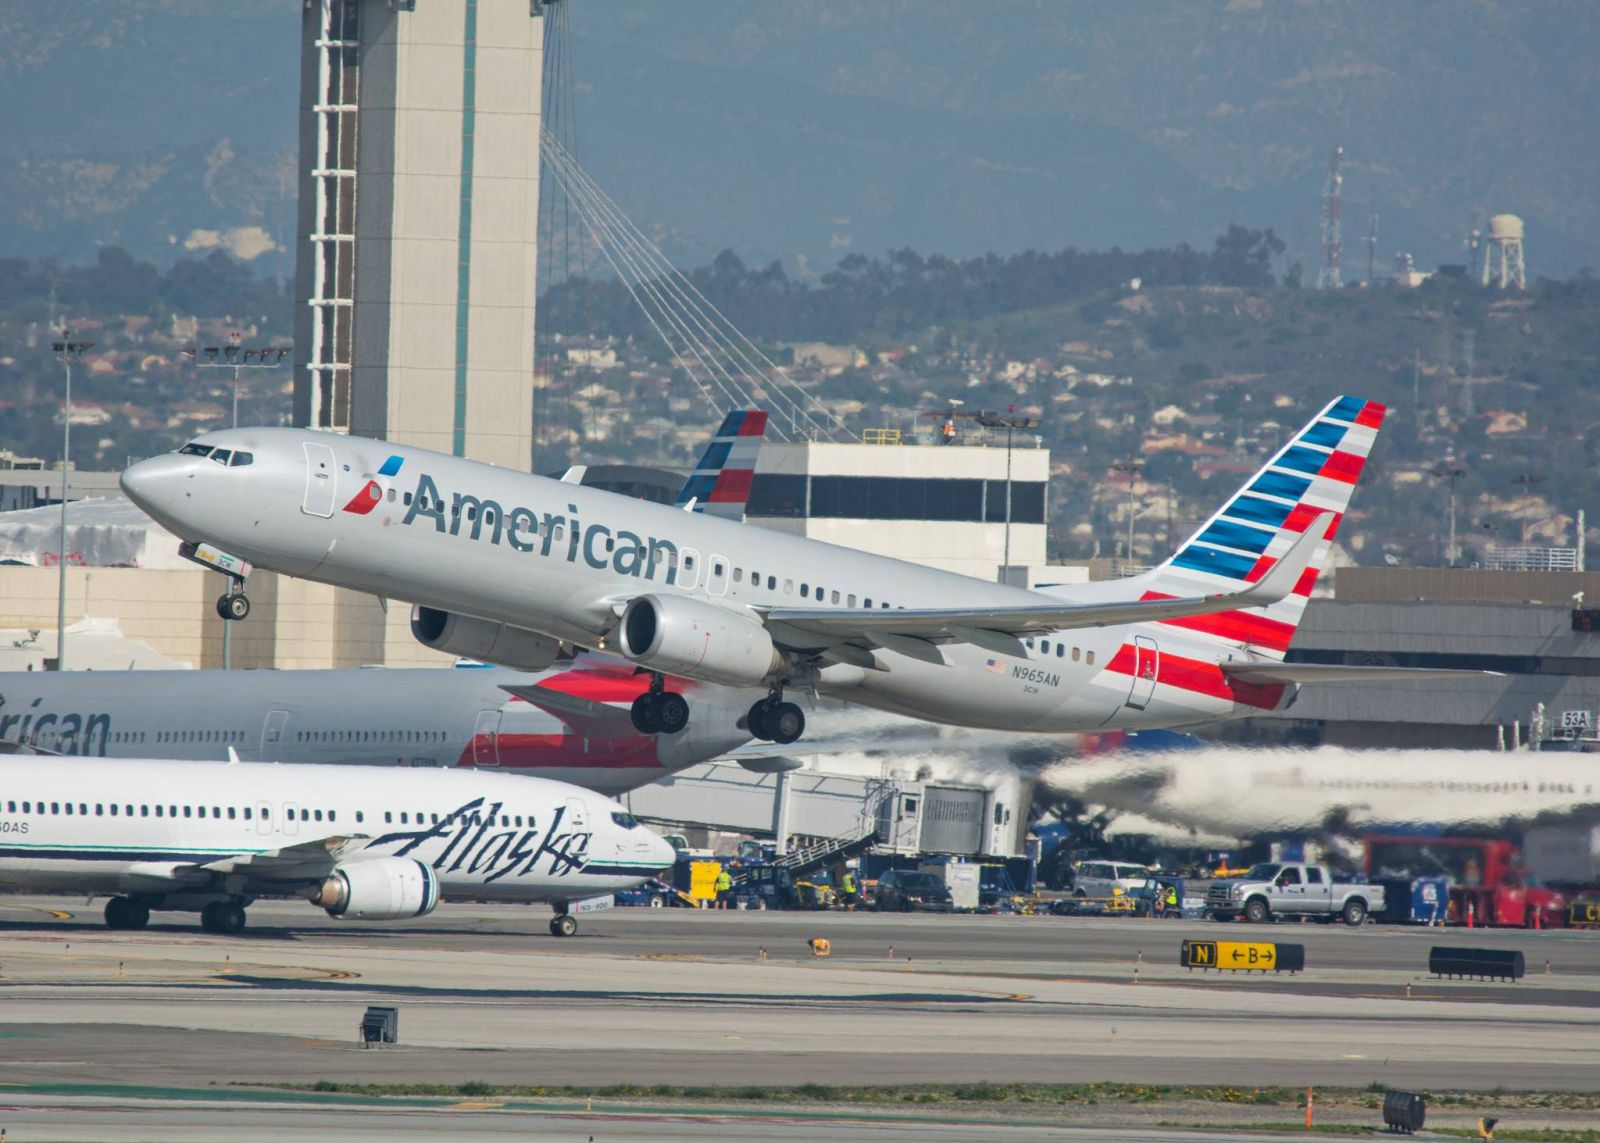 Một giờ giá sốc chỉ 380 USD dành cho vé máy bay từ Sài Gòn đi Los Angeles